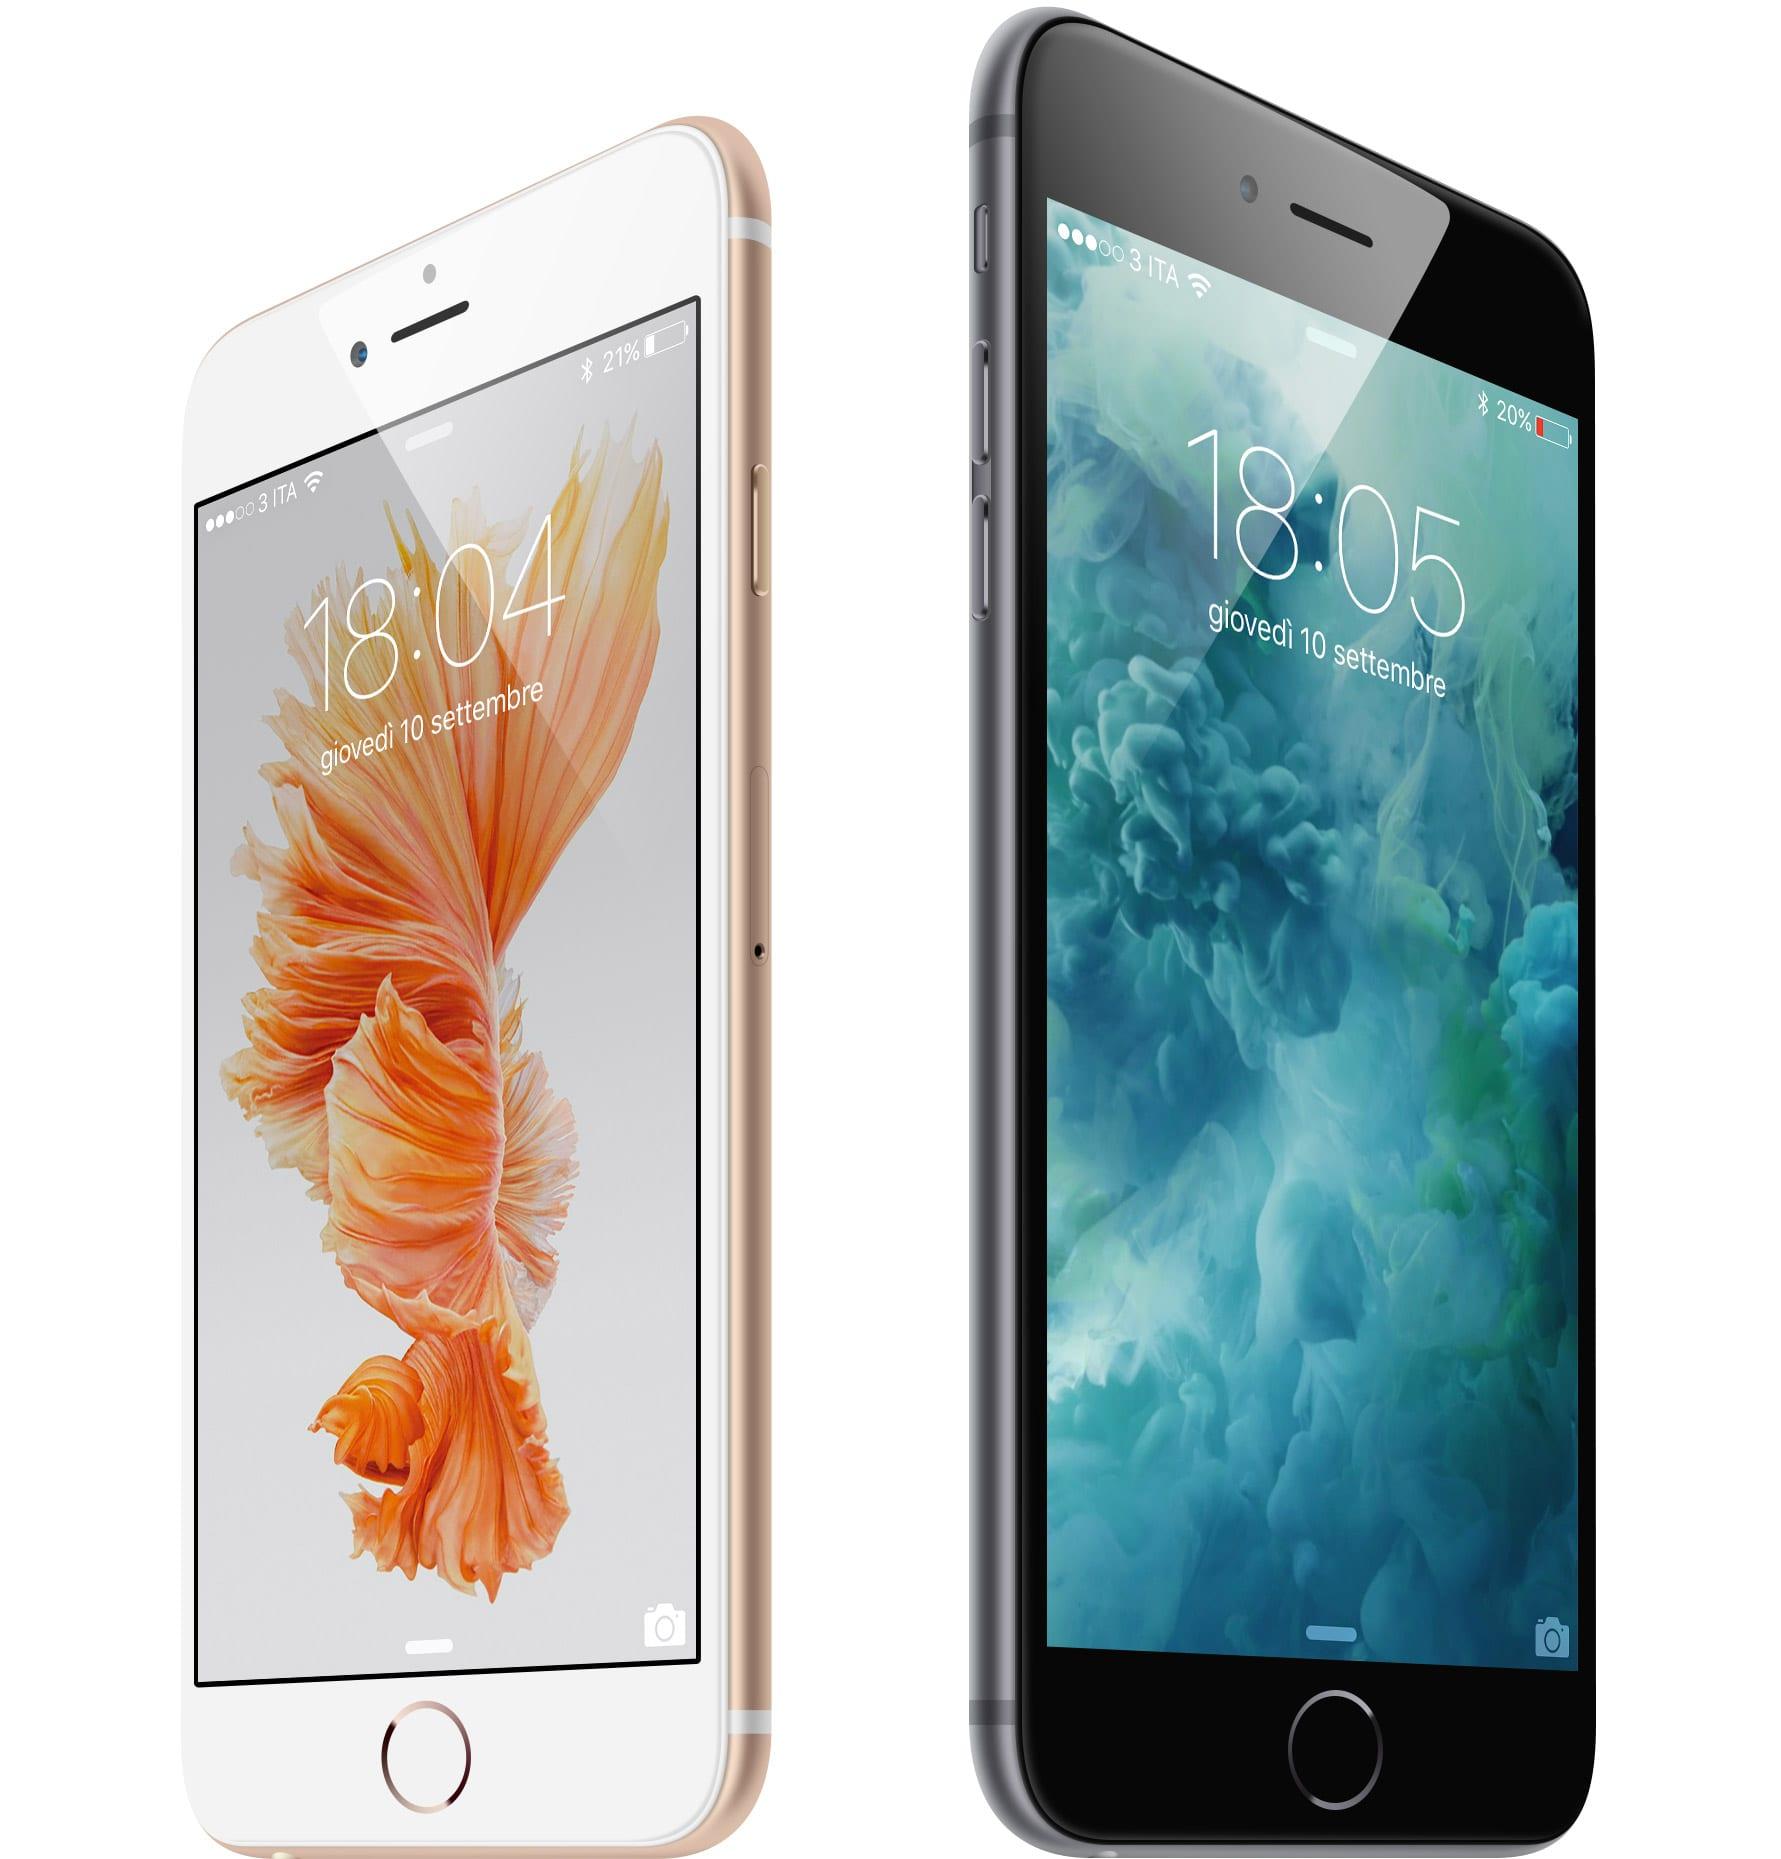 #WallpaperSelection #87 – iSpazio vi offre in esclusiva il Download degli Sfondi del nuovo iPhone 6s!